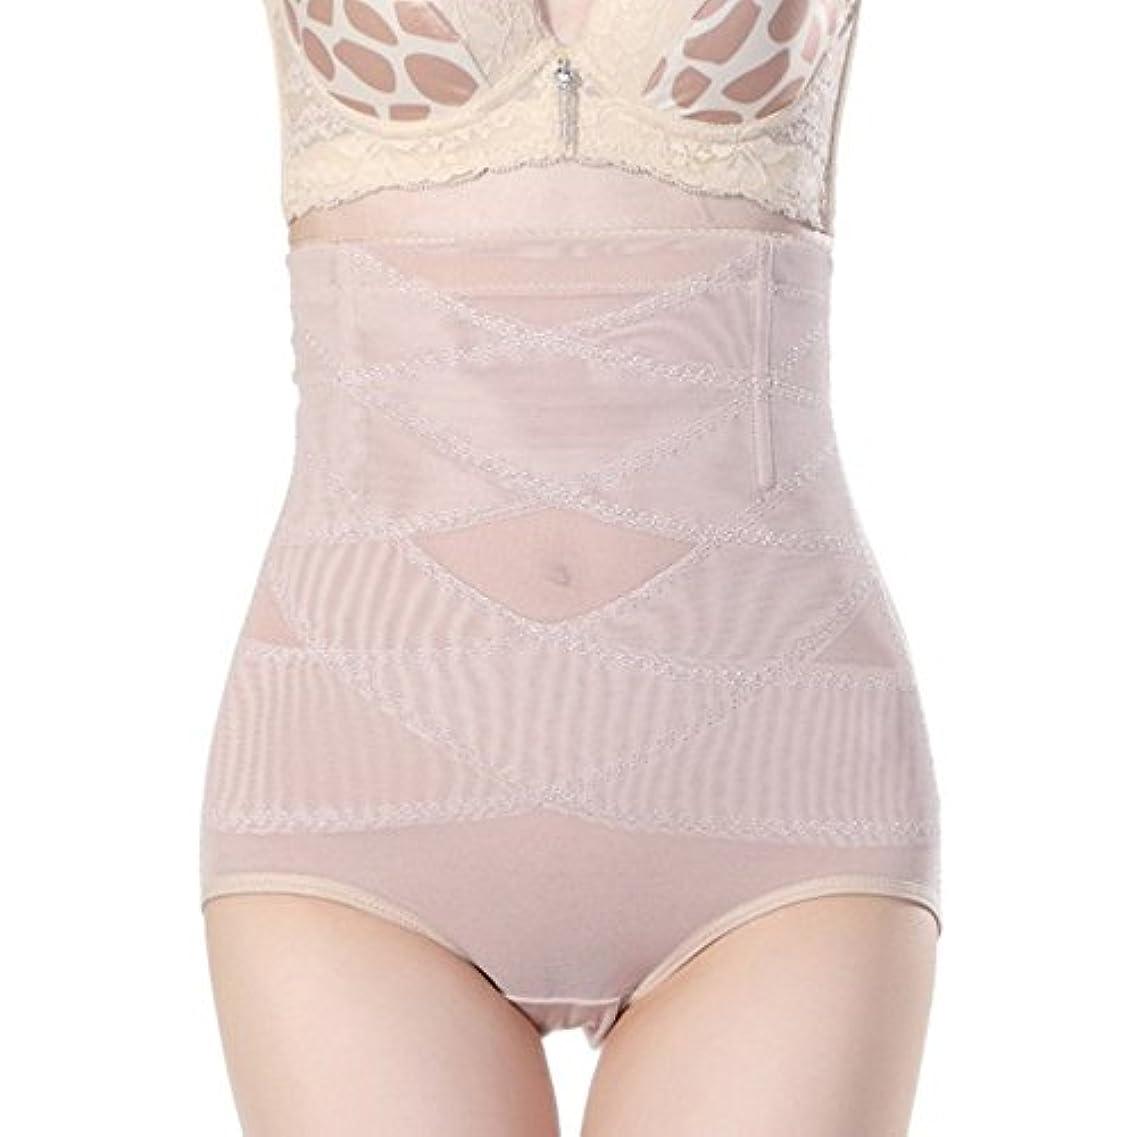 年齢成人期蓮腹部制御下着シームレスおなかコントロールパンティーバットリフターボディシェイパーを痩身通気性のハイウエストの女性 - 肌色2 XL